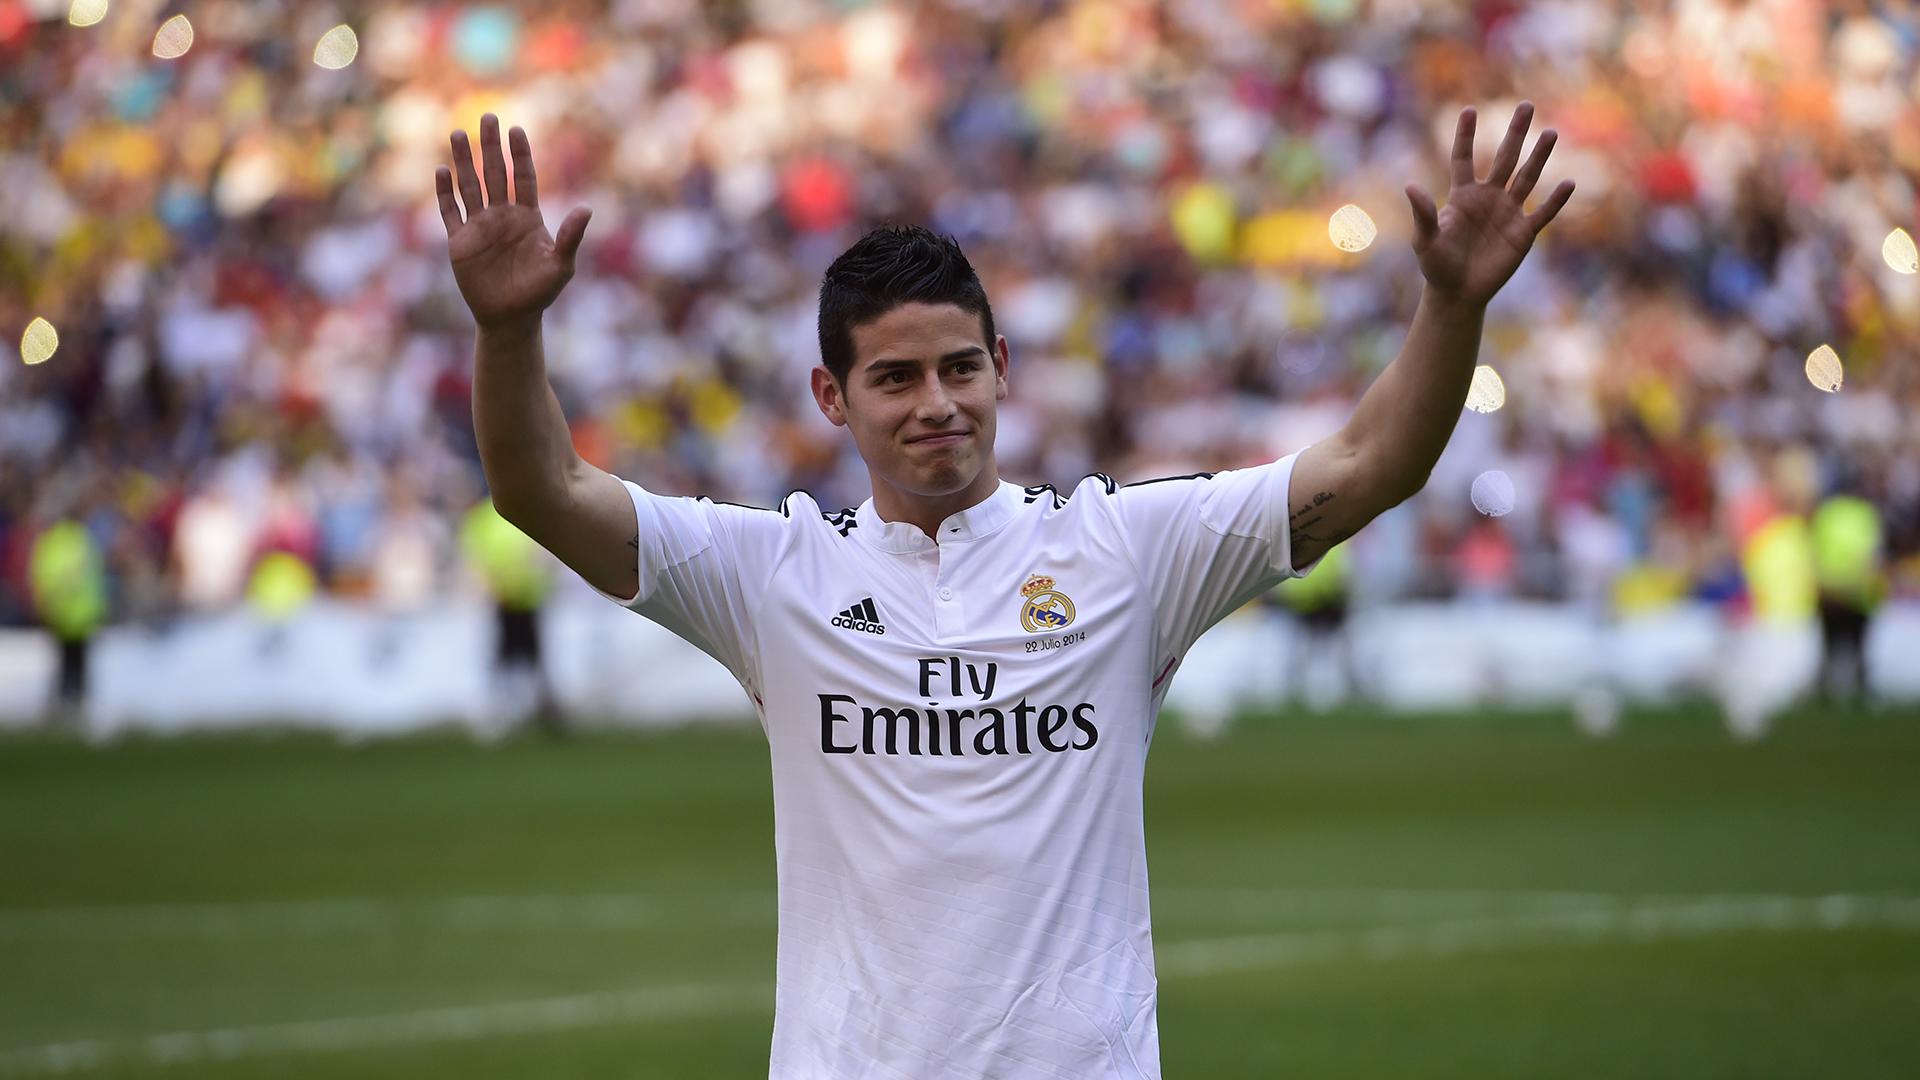 James Rodriguez et le Real Madrid vers la réconciliation ?